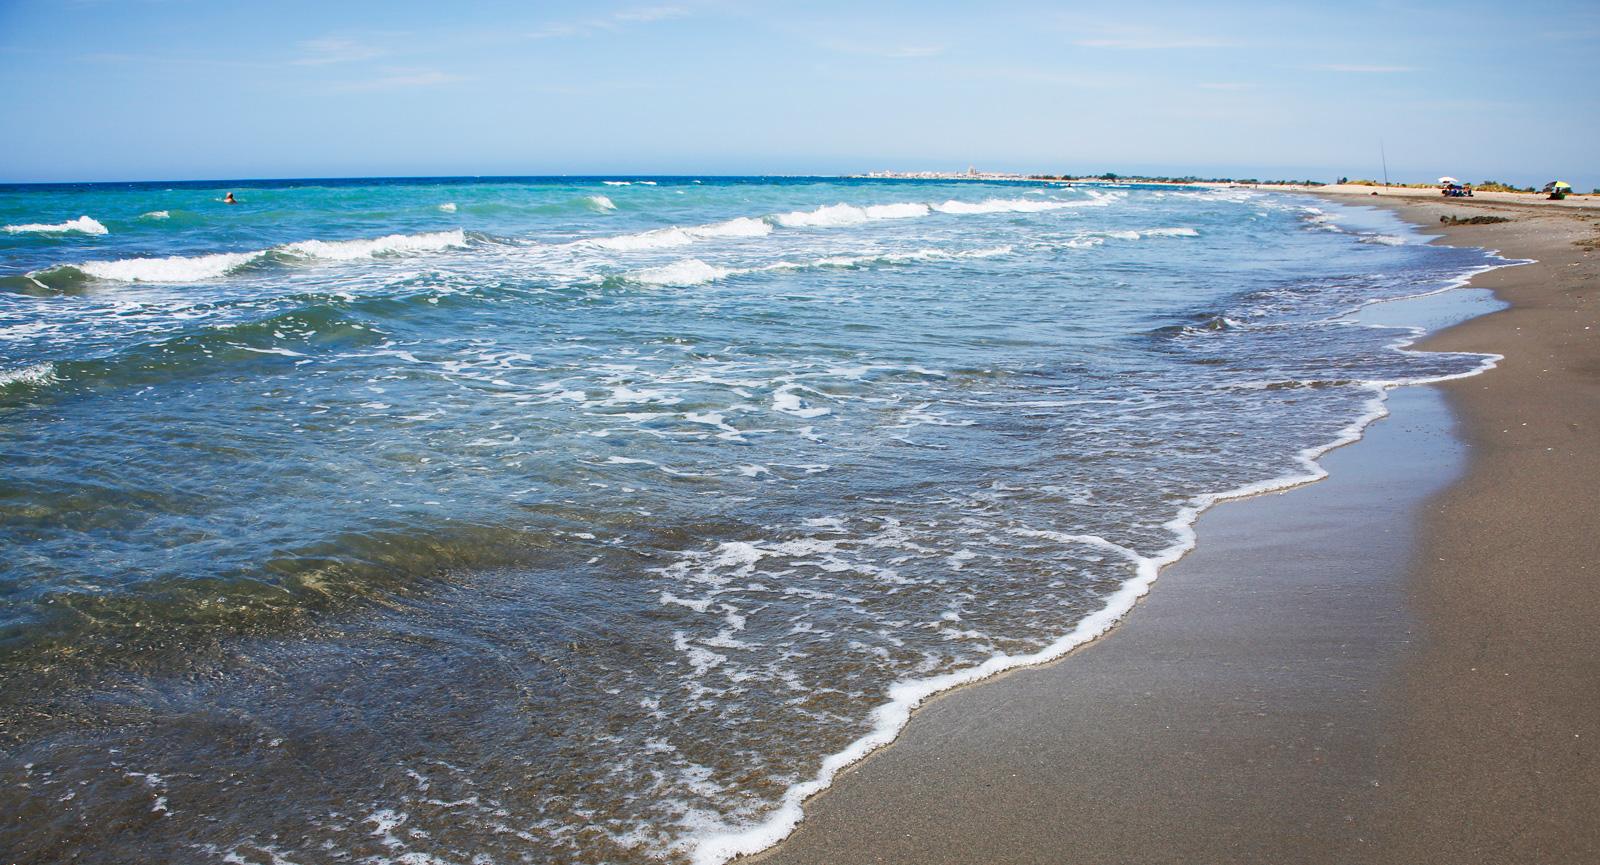 Längre in i bukten vid Plage de Beaduc är sandstranden bred.